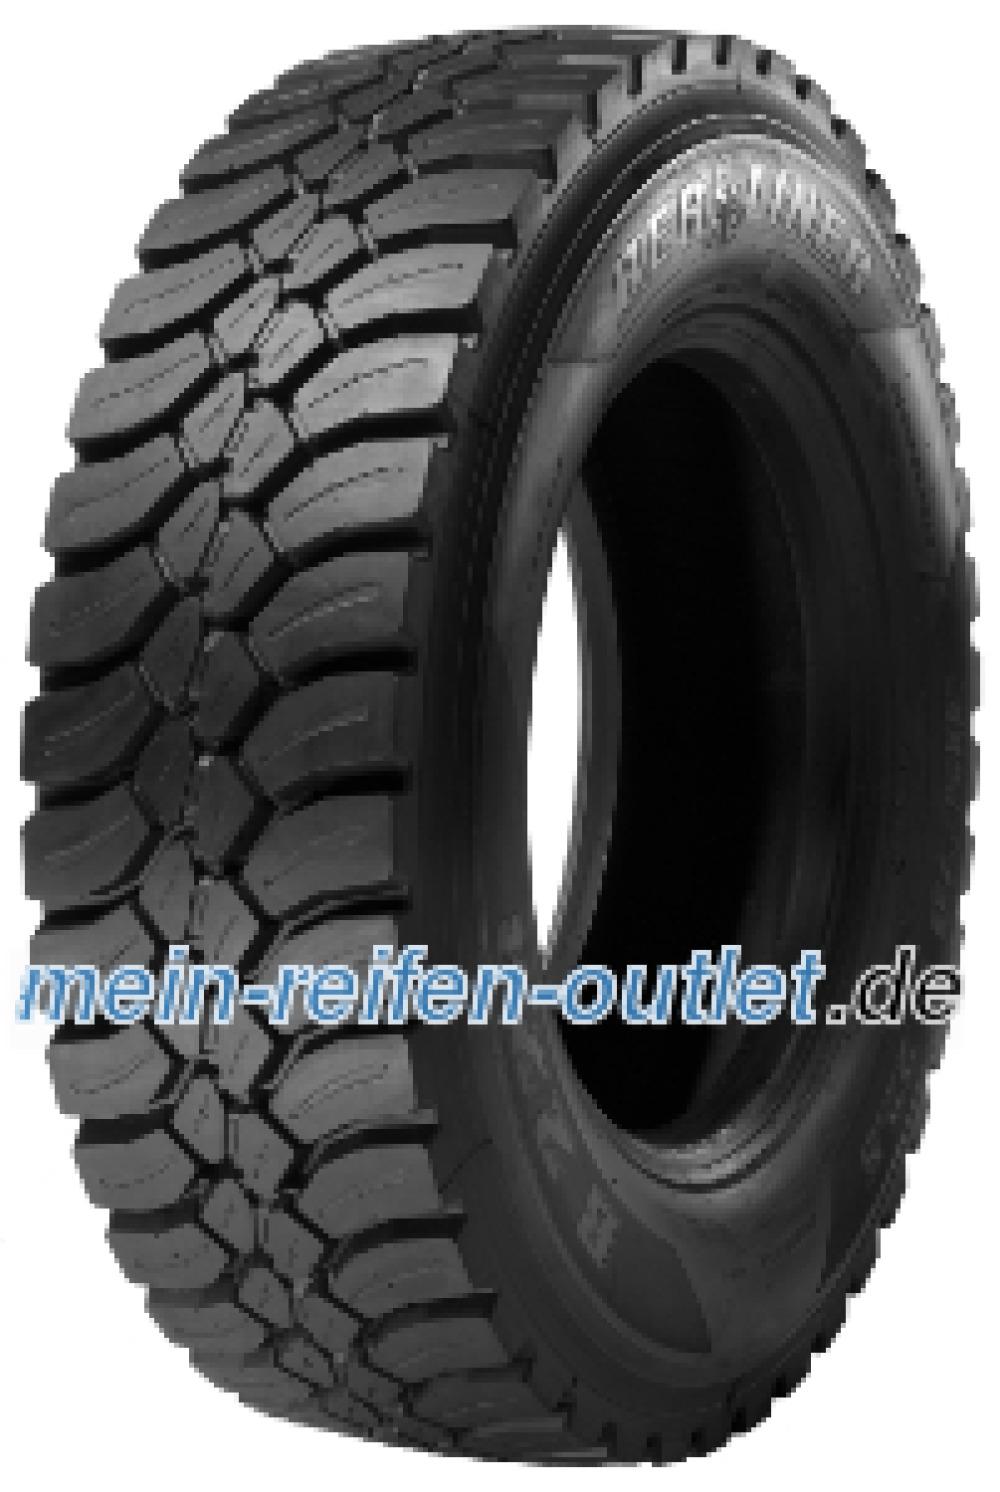 Berliner Heissrunderneuerung B228 ( 315/70 R22.5 154/150L , runderneuert, Heißrunderneuert, Karkassqualität FV )